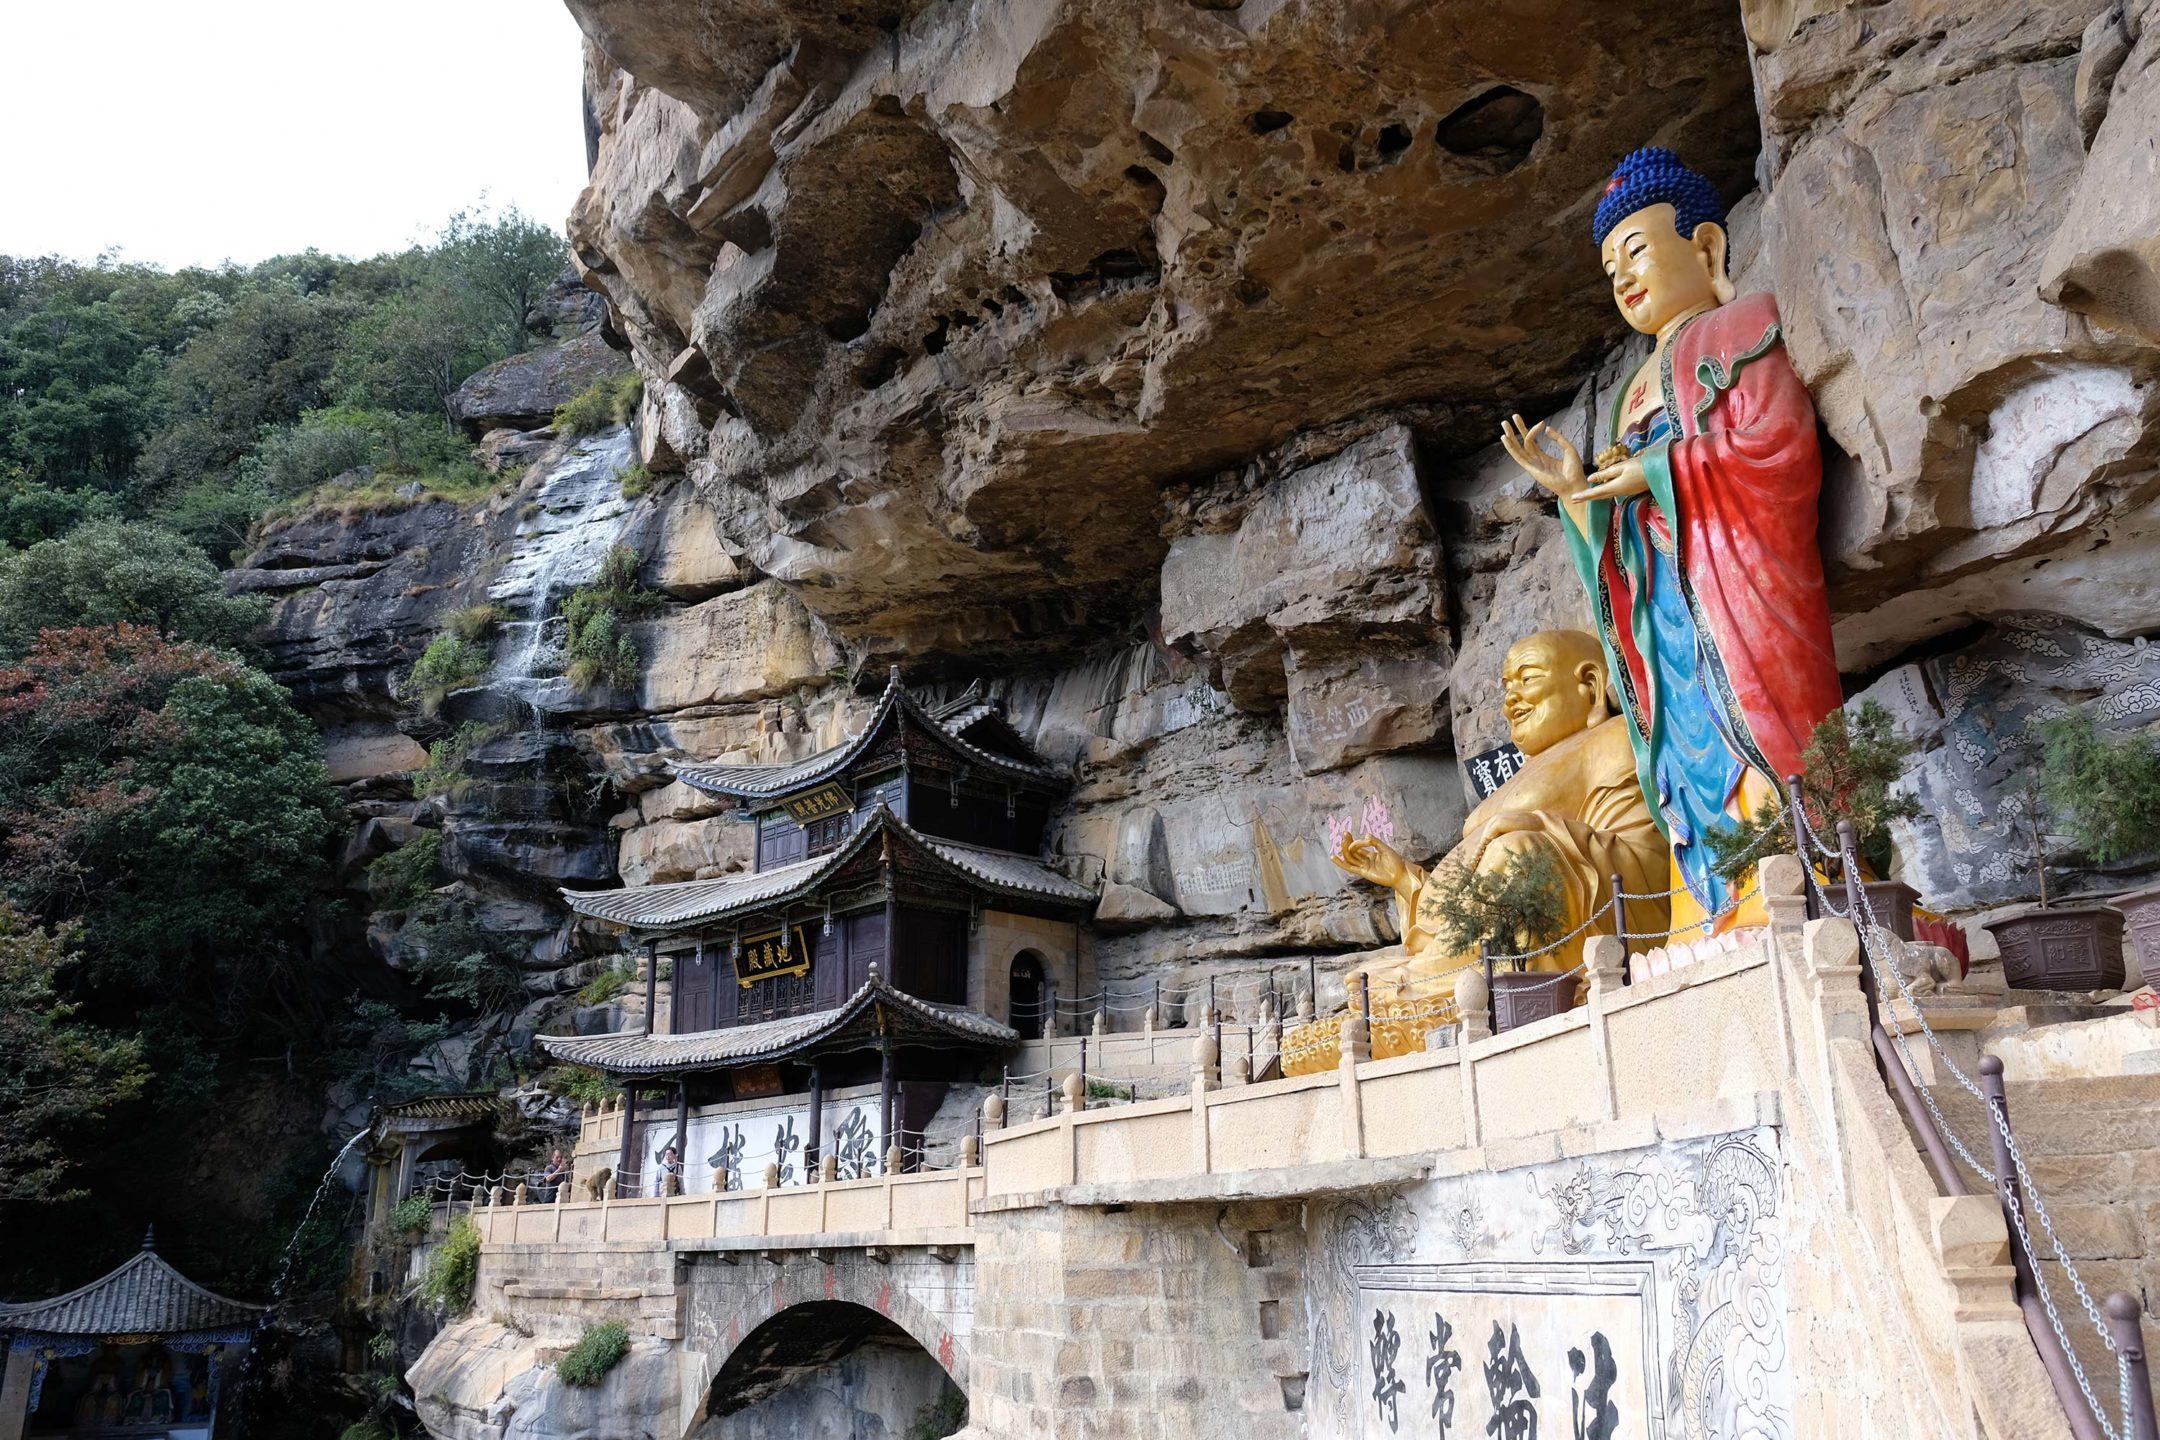 Baoxiang temple